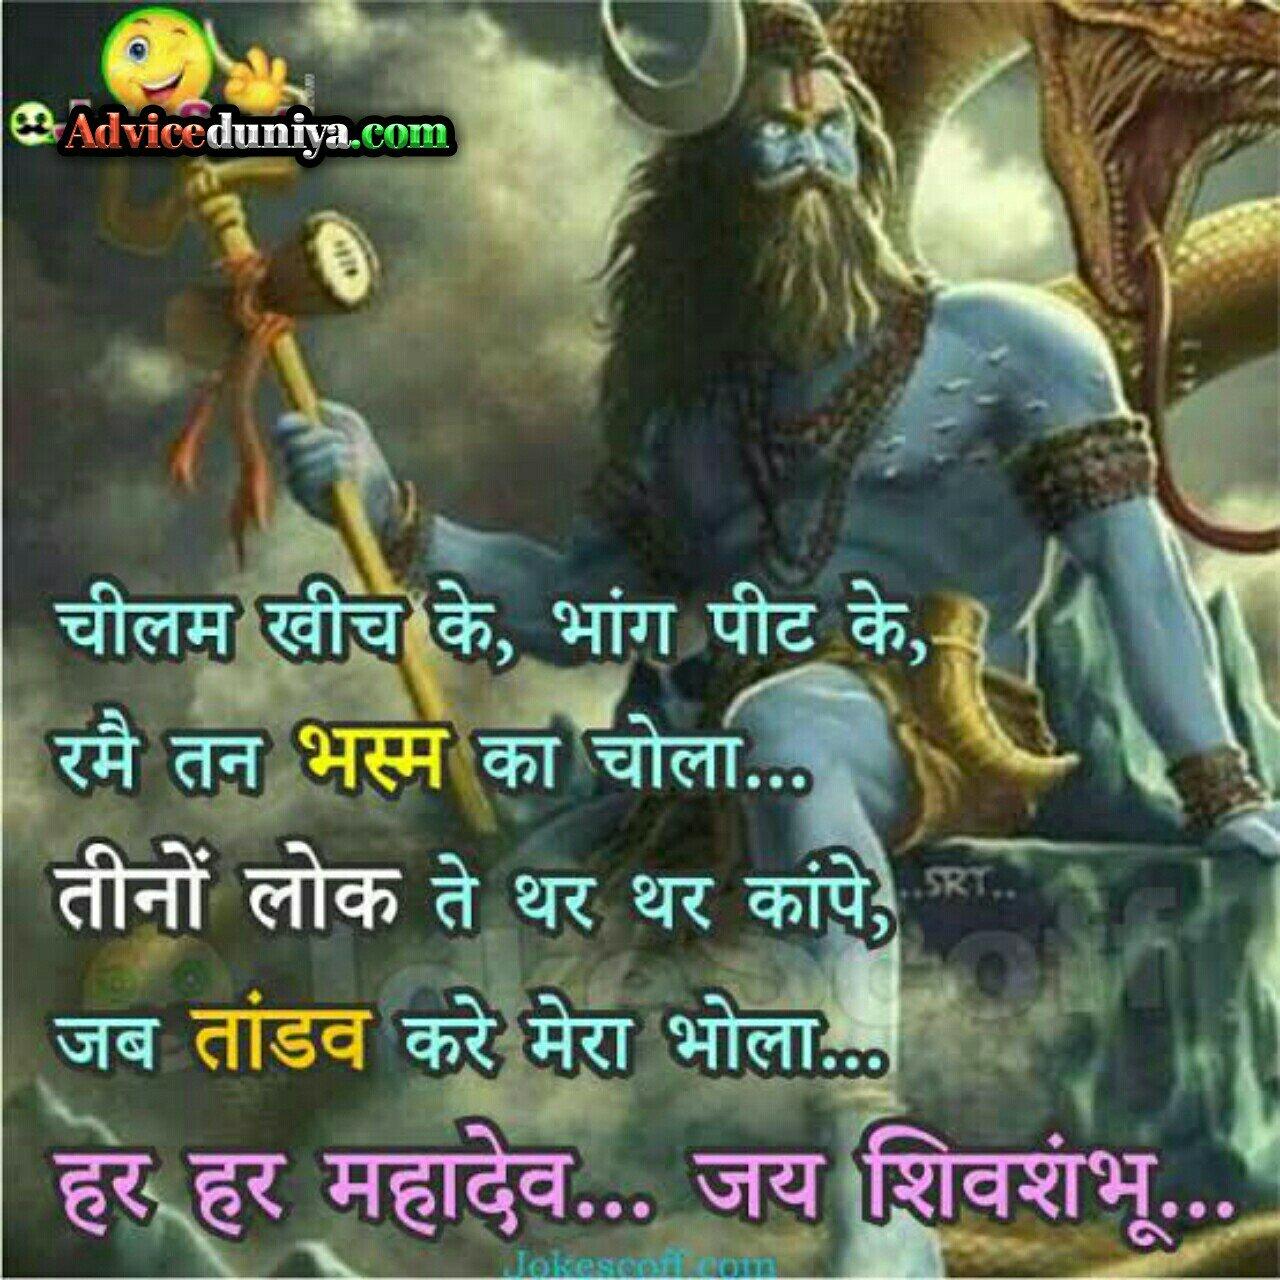 Mhakal whatsapp status in hindi